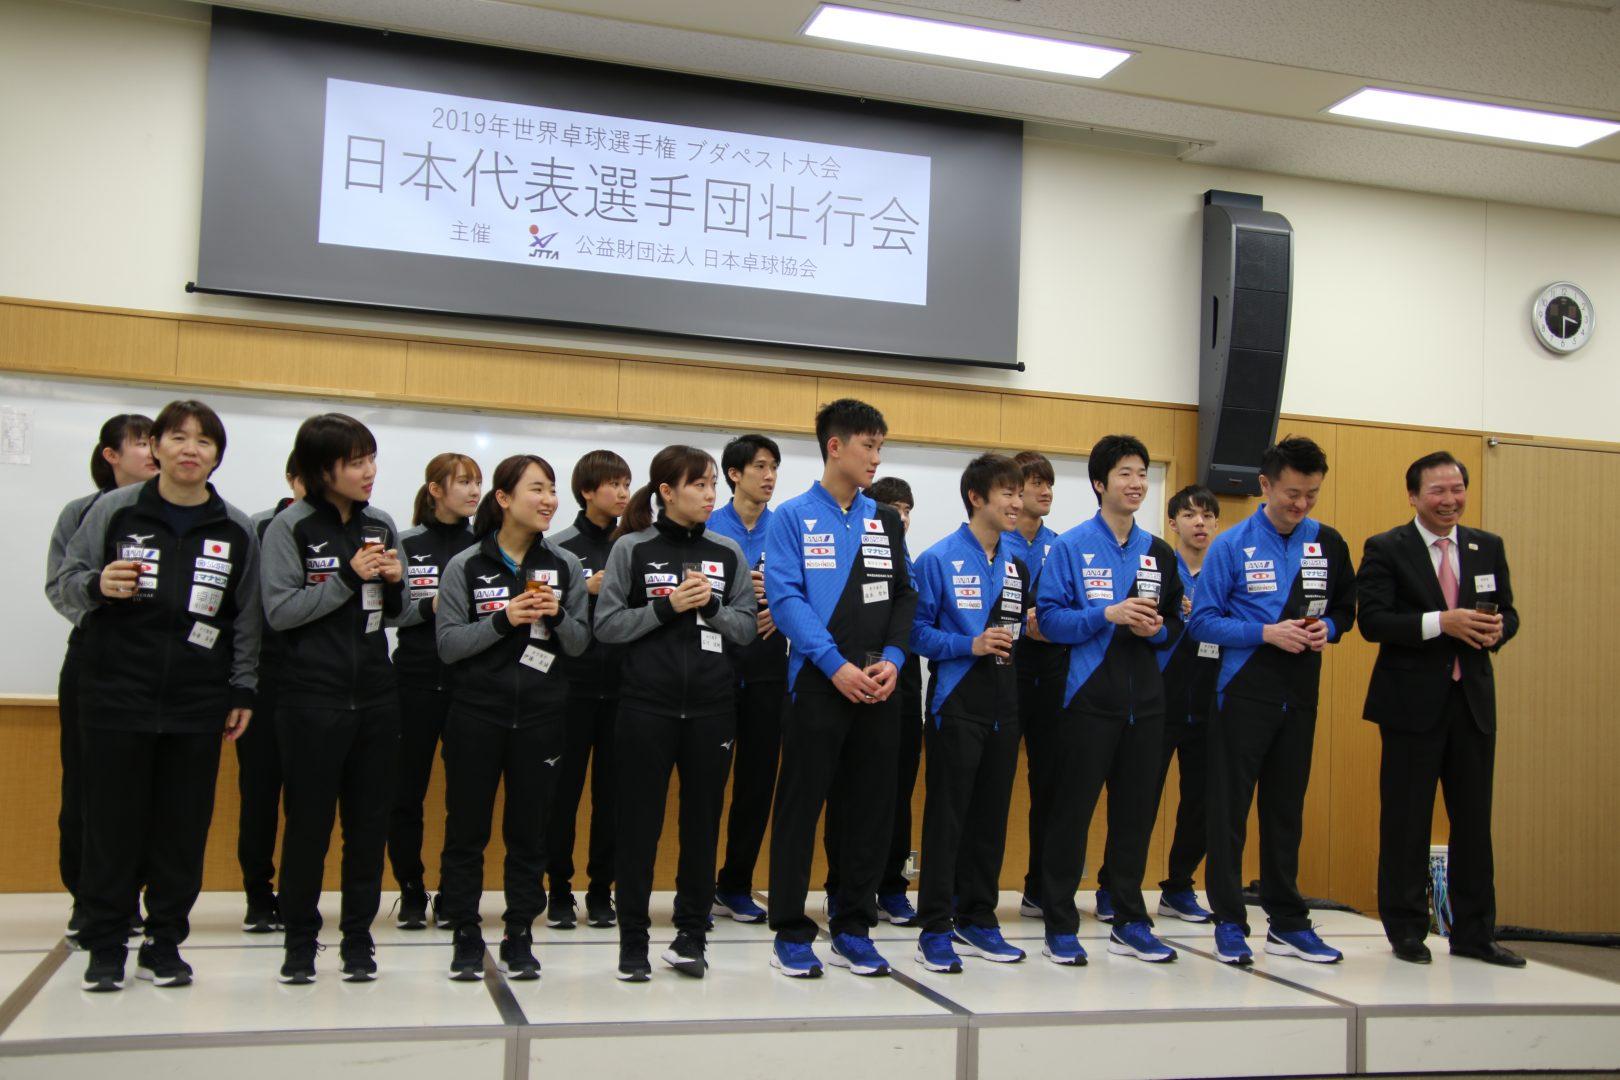 【卓球】世界卓球に明日出発 ナショナルトレーニングセンターに水谷・張本・石川・伊藤ら集結